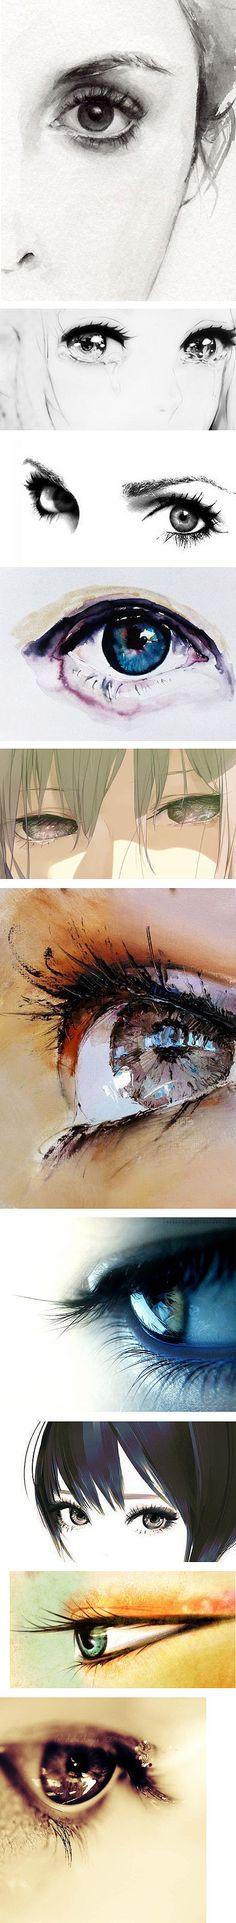 手绘 插画手绘 手稿 素描 铅笔画